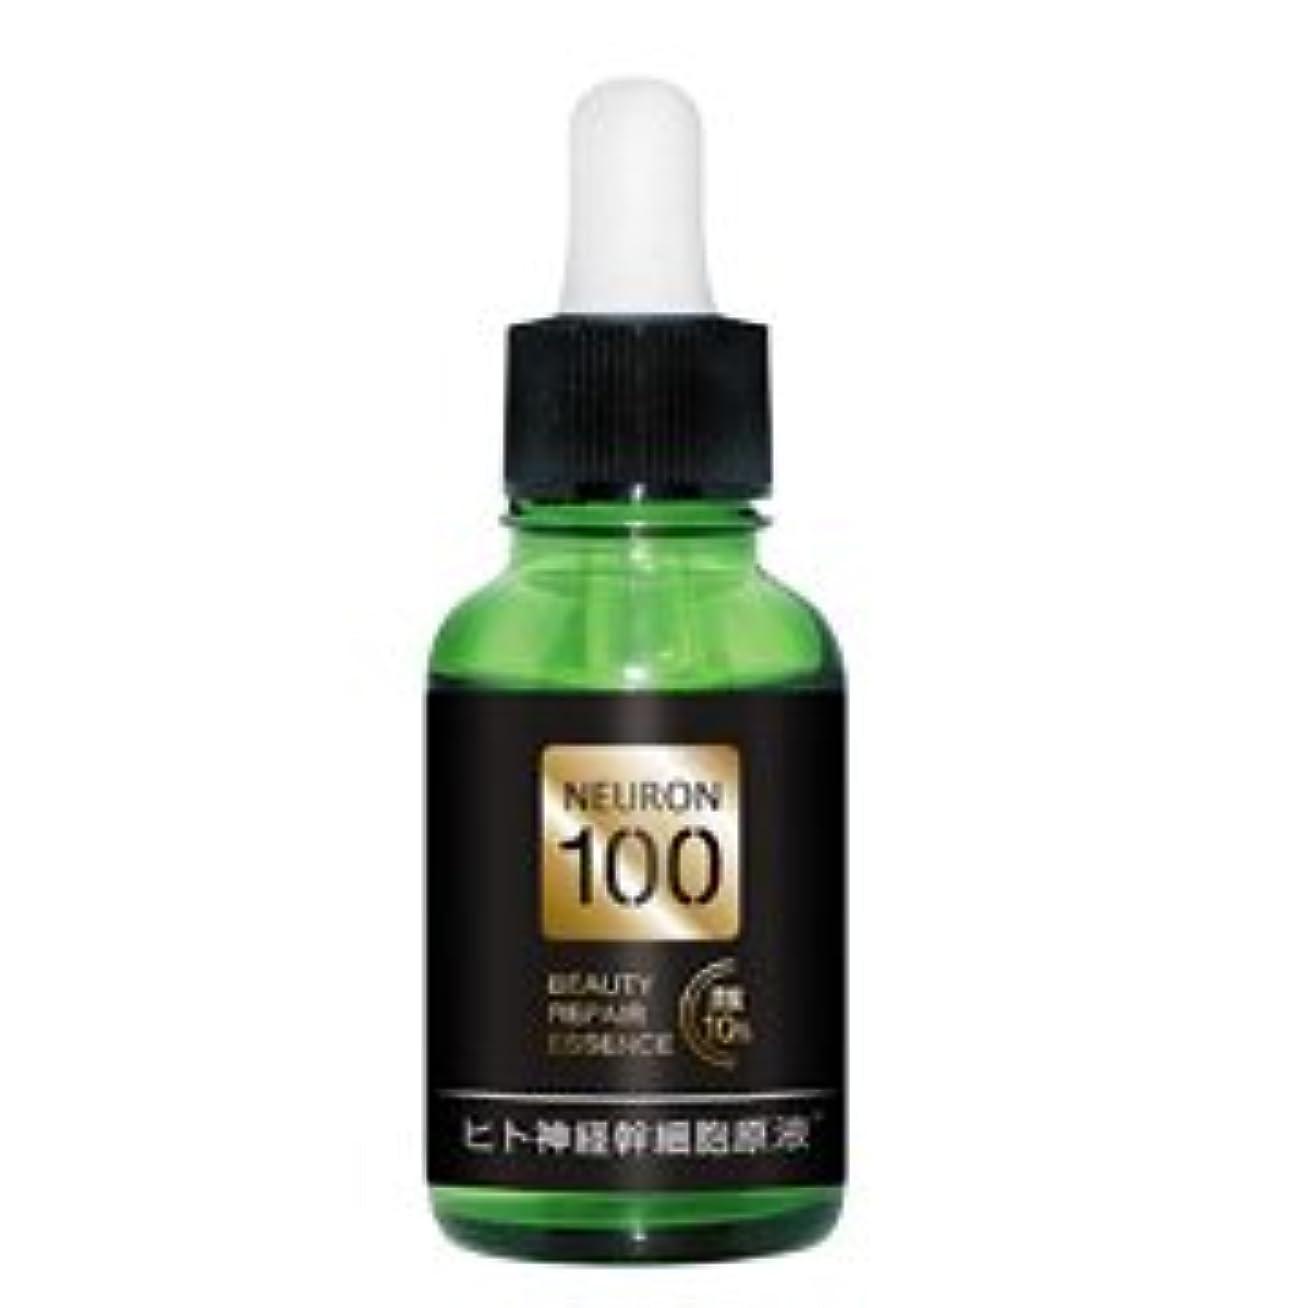 研磨剤花束大学【濃度10%】 ニューロン100 NEURON100 ヒト由来神経幹細胞培養液 サロン仕様品 ギフトにも最適 美容液 30ml